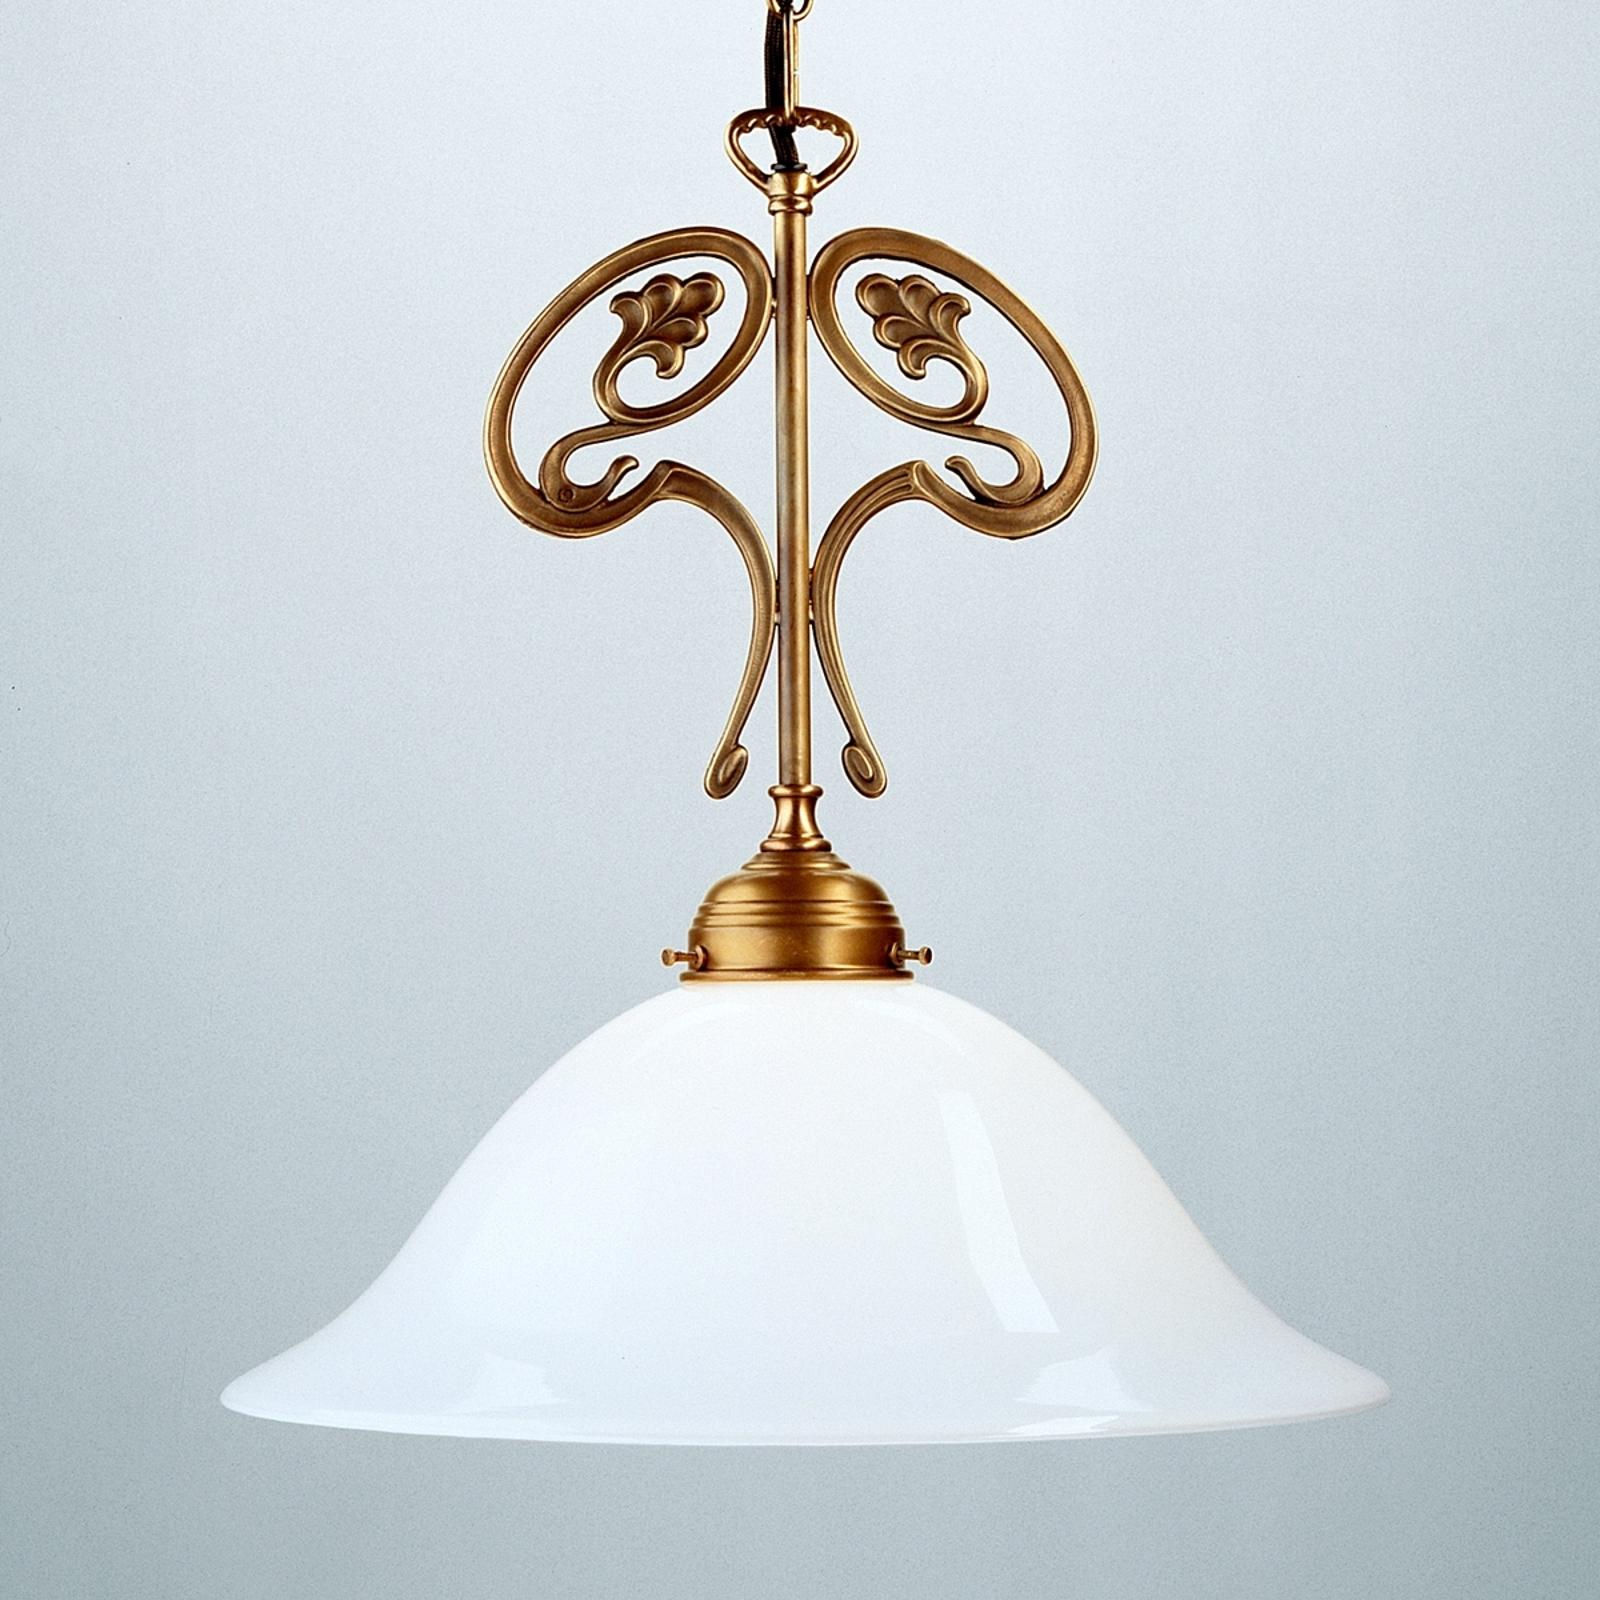 EWALD hanging light made of Berlin brass_1542028_1